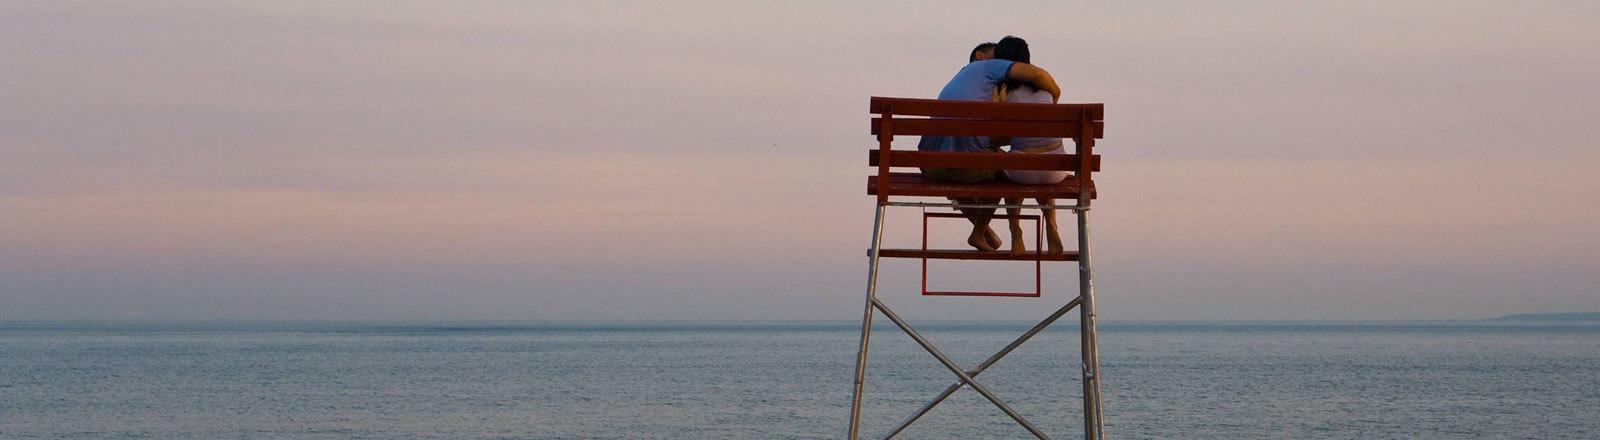 Liebespaar auf einem Hochsitz am Strand von Coney Island